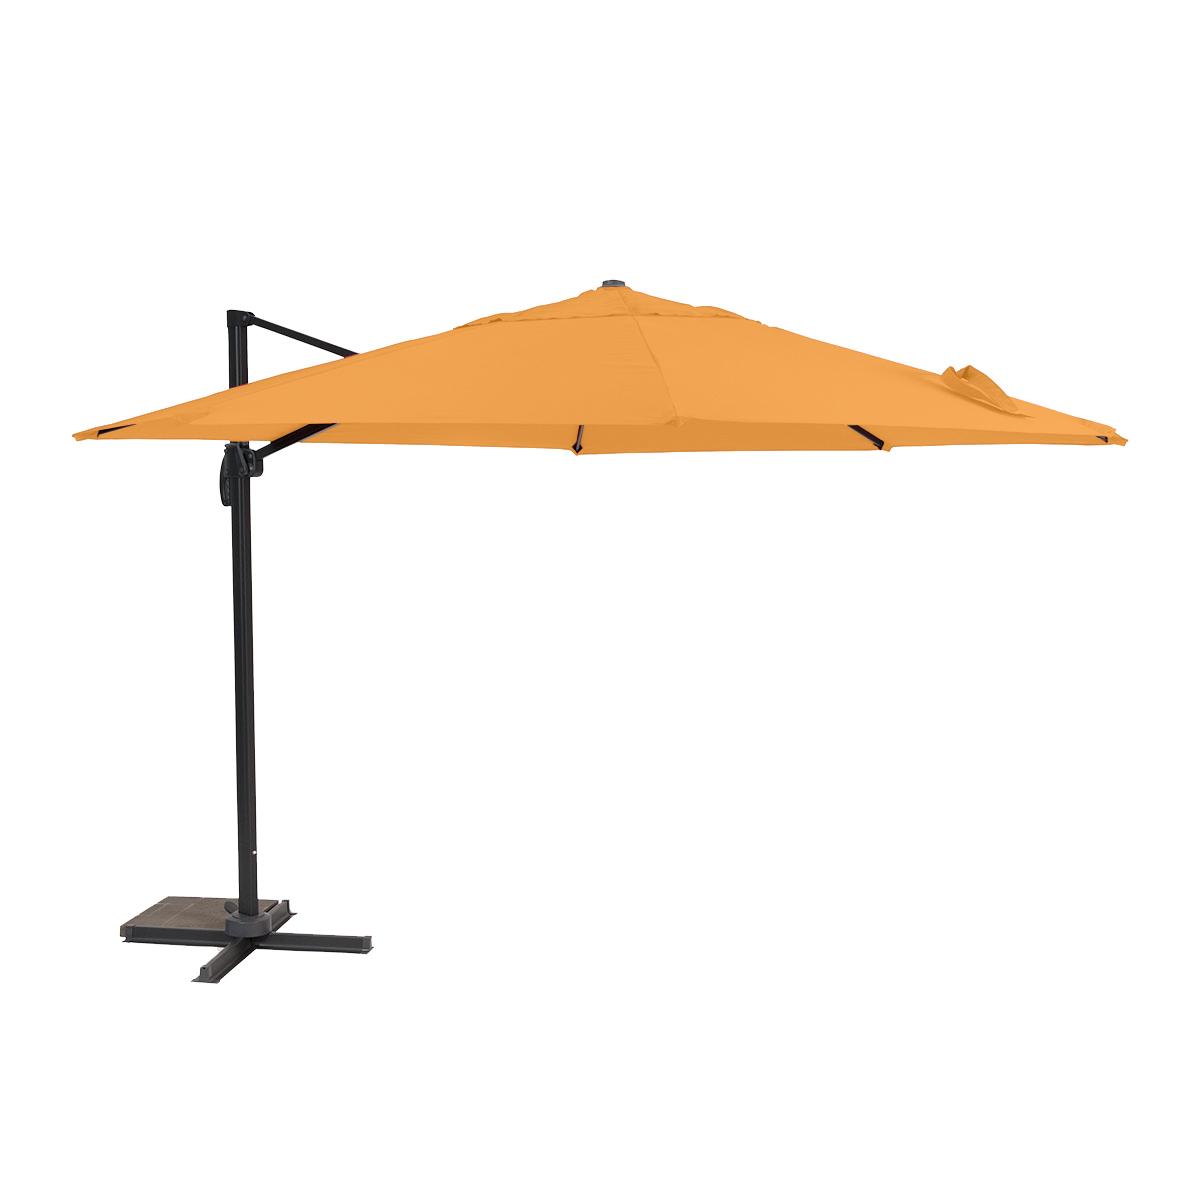 Boční slunečník 3,5 m (oranžový) Meiyang Roma